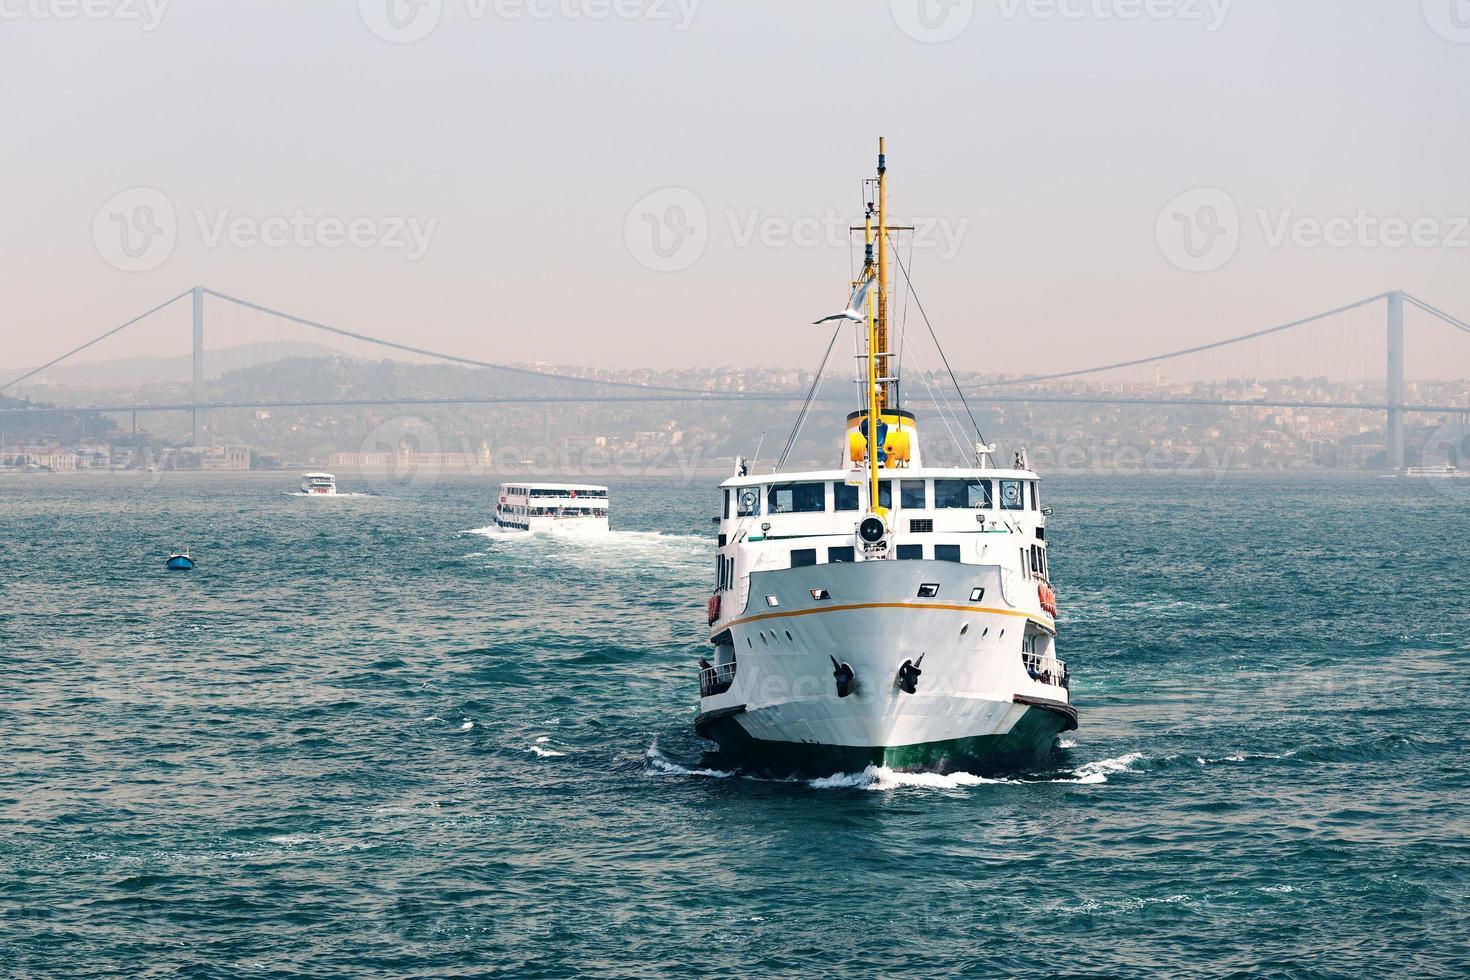 passagiersschepen in de Straat van Bosporus foto